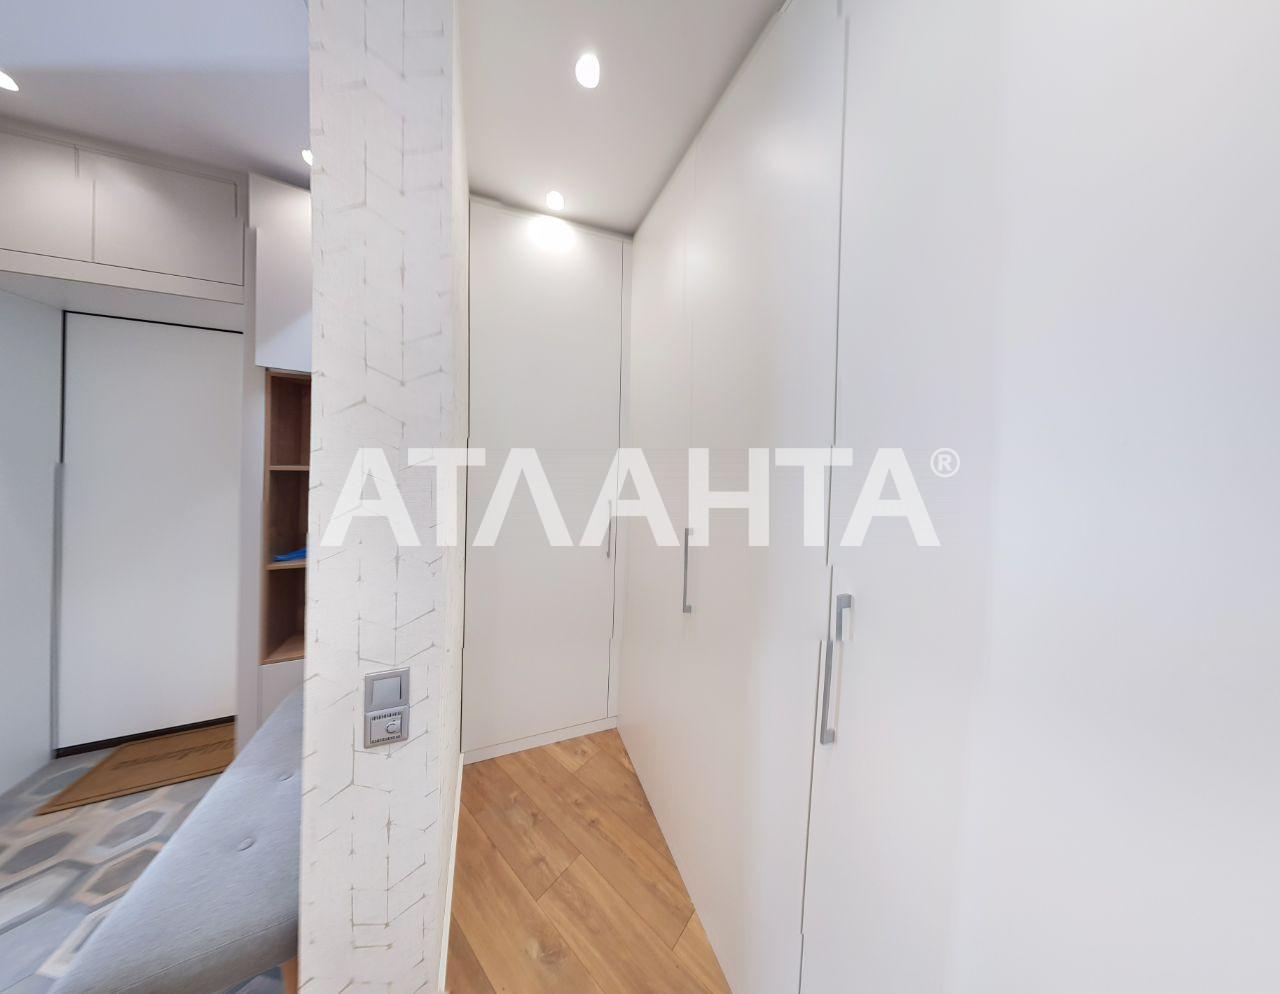 Продается 2-комнатная Квартира на ул. Практична — 110 000 у.е. (фото №11)